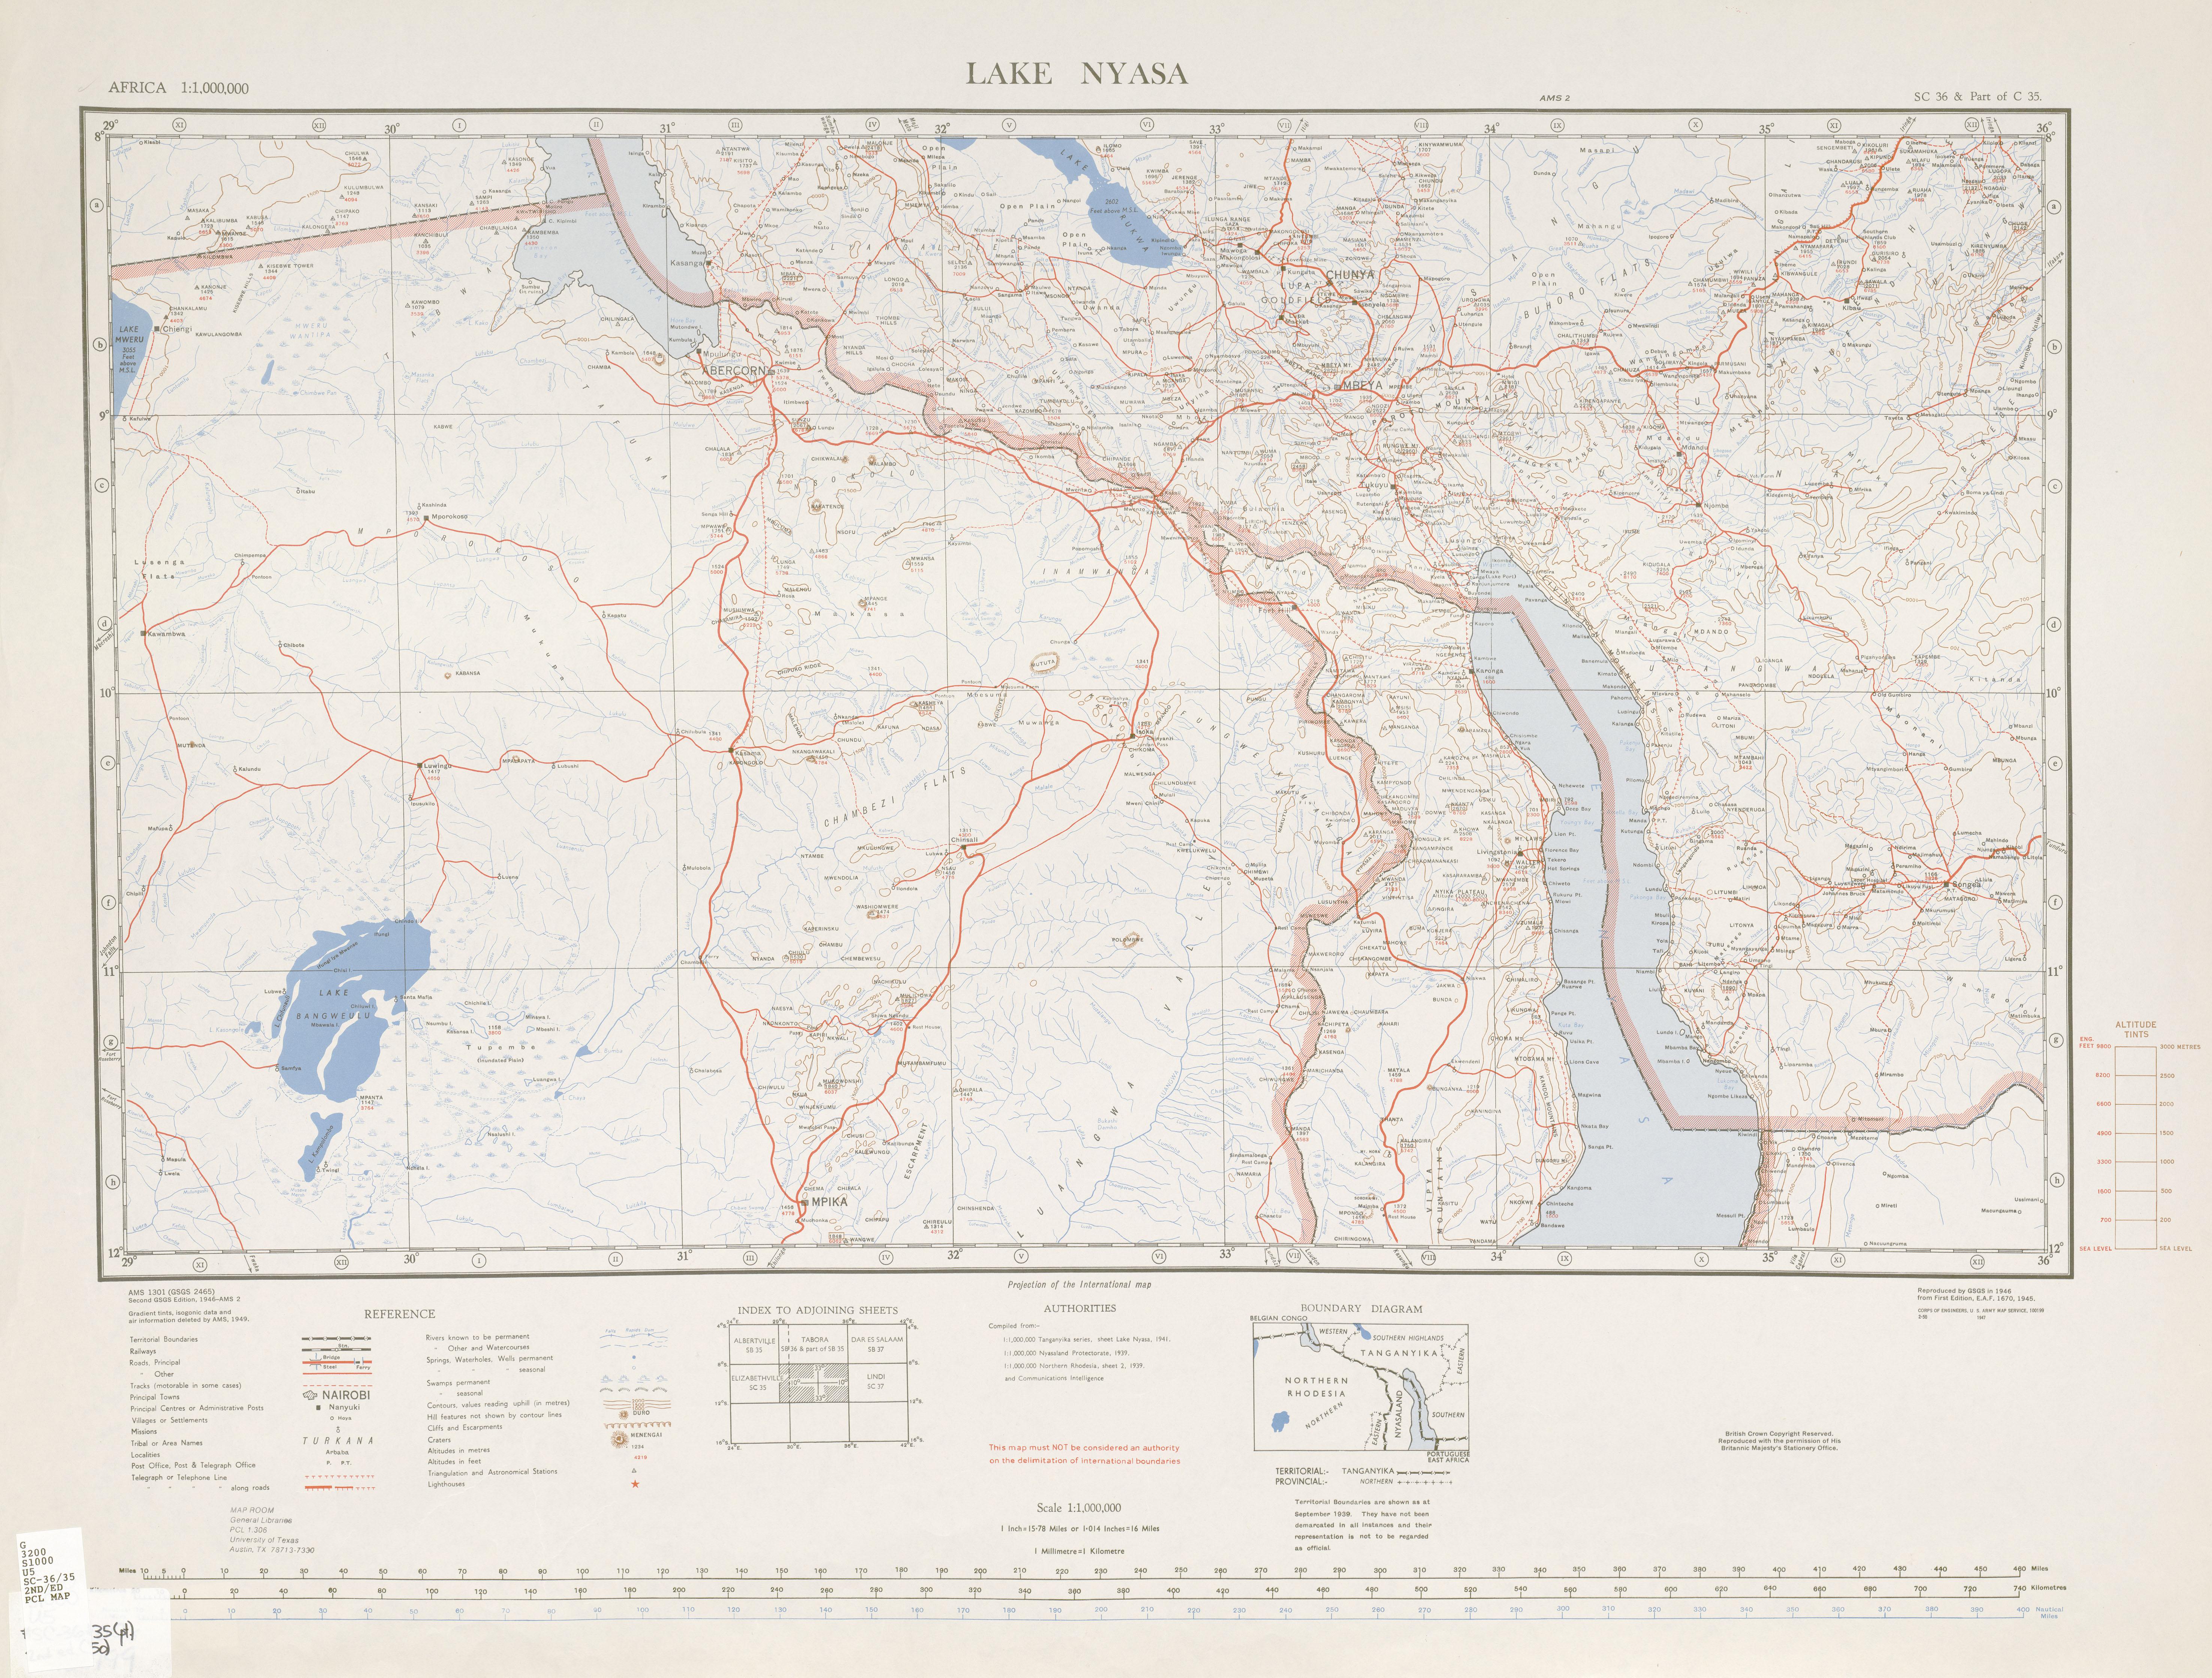 http://www.lib.utexas.edu/maps/imw/txu-oclc-6654394-sc-36-35-2nd-ed.jpg